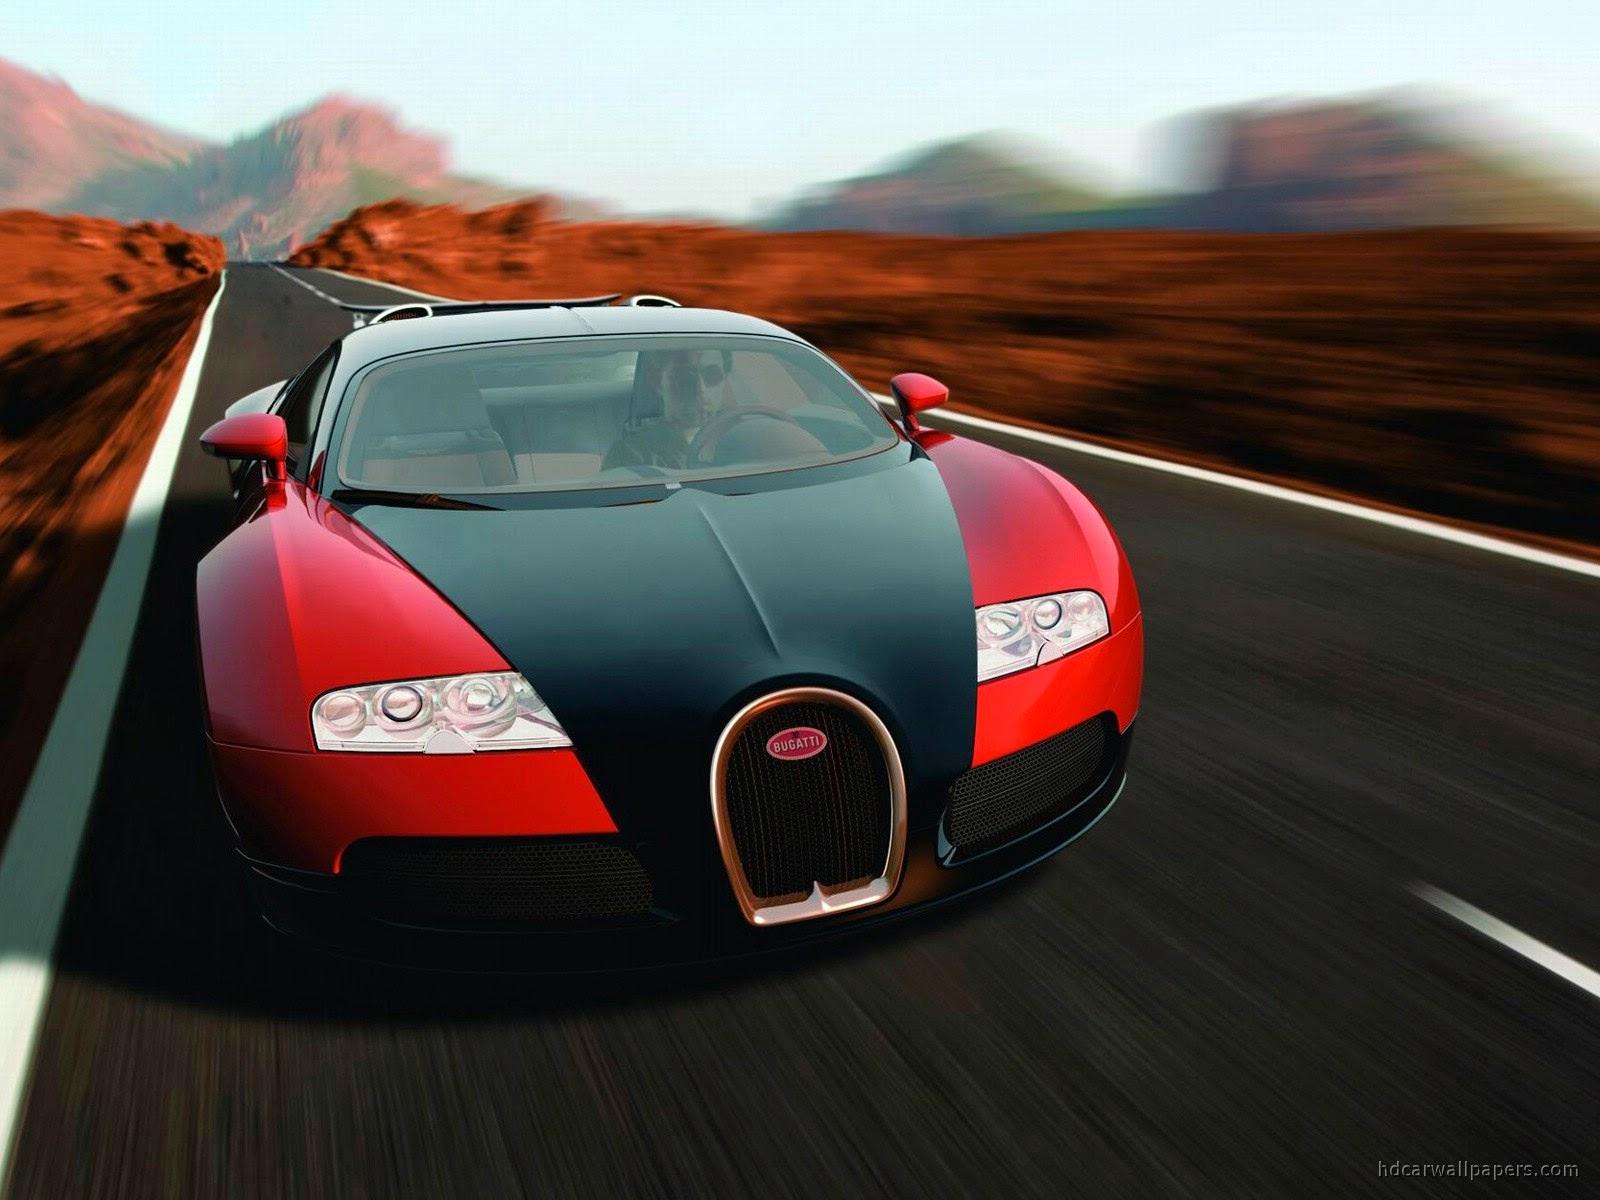 """<img src=""""http://1.bp.blogspot.com/-DEDGJGZ0XEQ/UzEwknZ2SgI/AAAAAAAALMk/IA__xs3-FfA/s1600/bugatti-veyron-wallpaper.jpg"""" alt=""""Bugatti Wallpapers"""" />"""